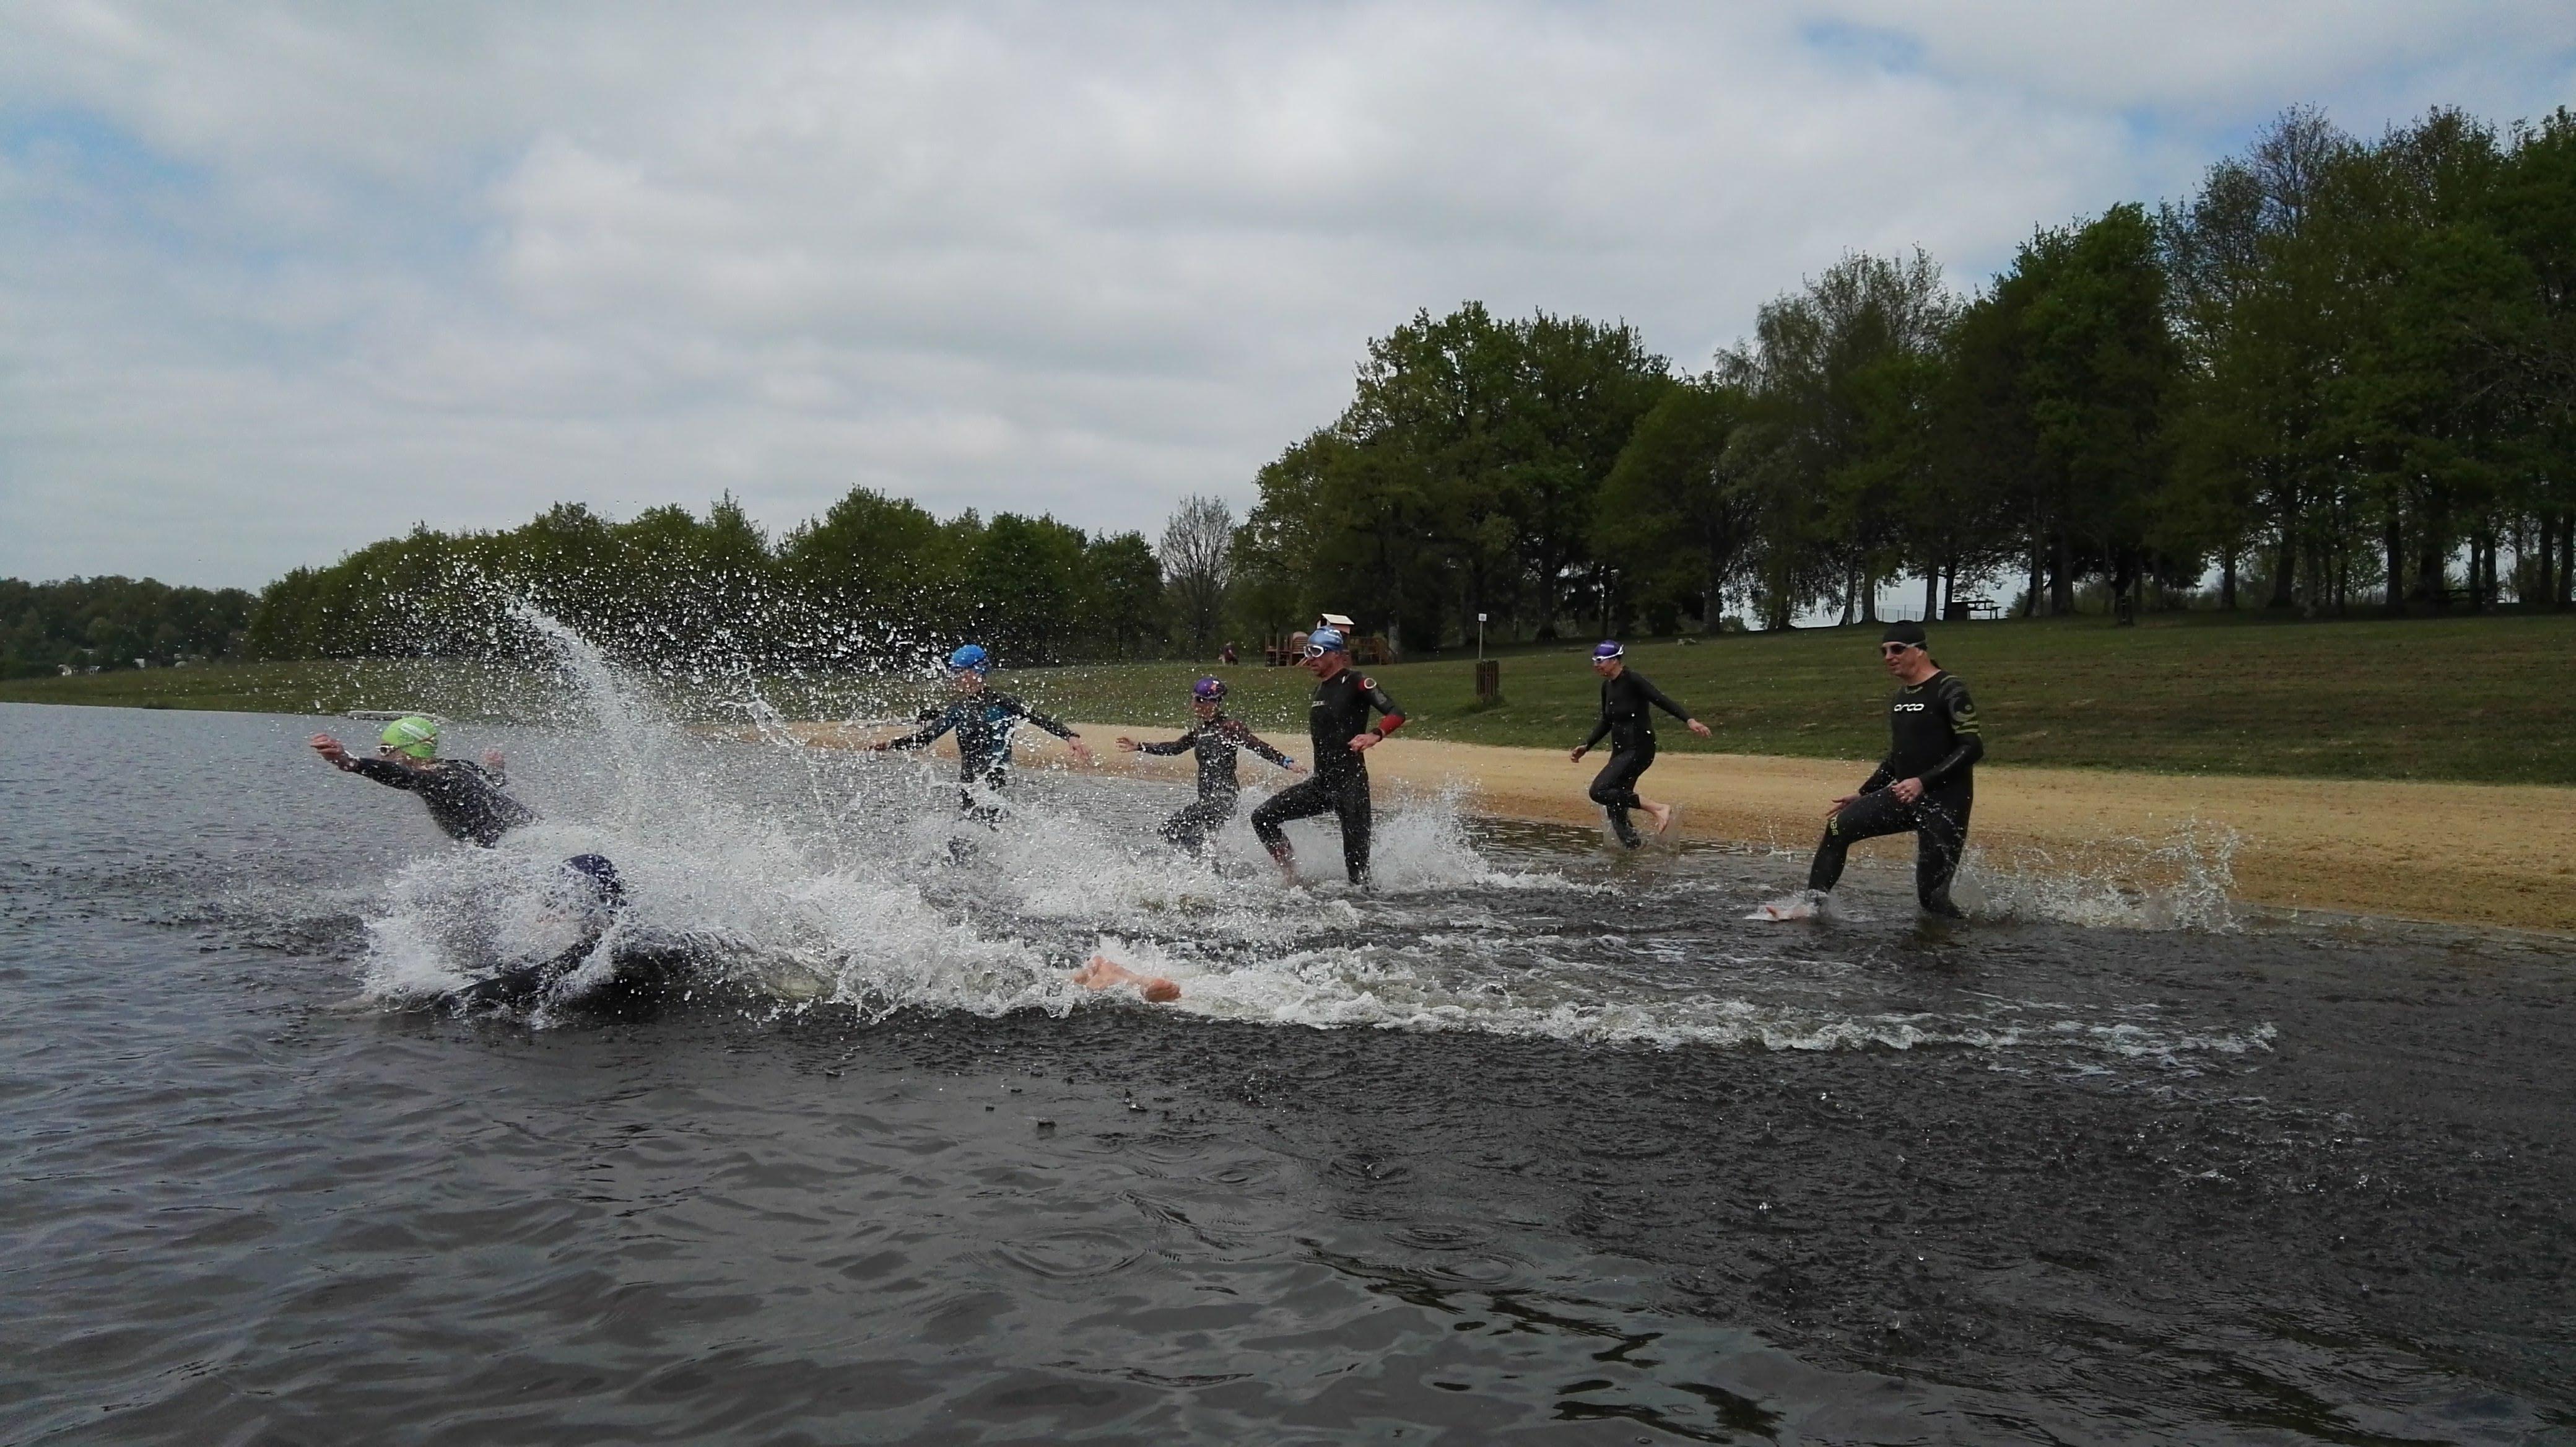 De start oefenen tijdens een trainingsweek bij een fraai meer